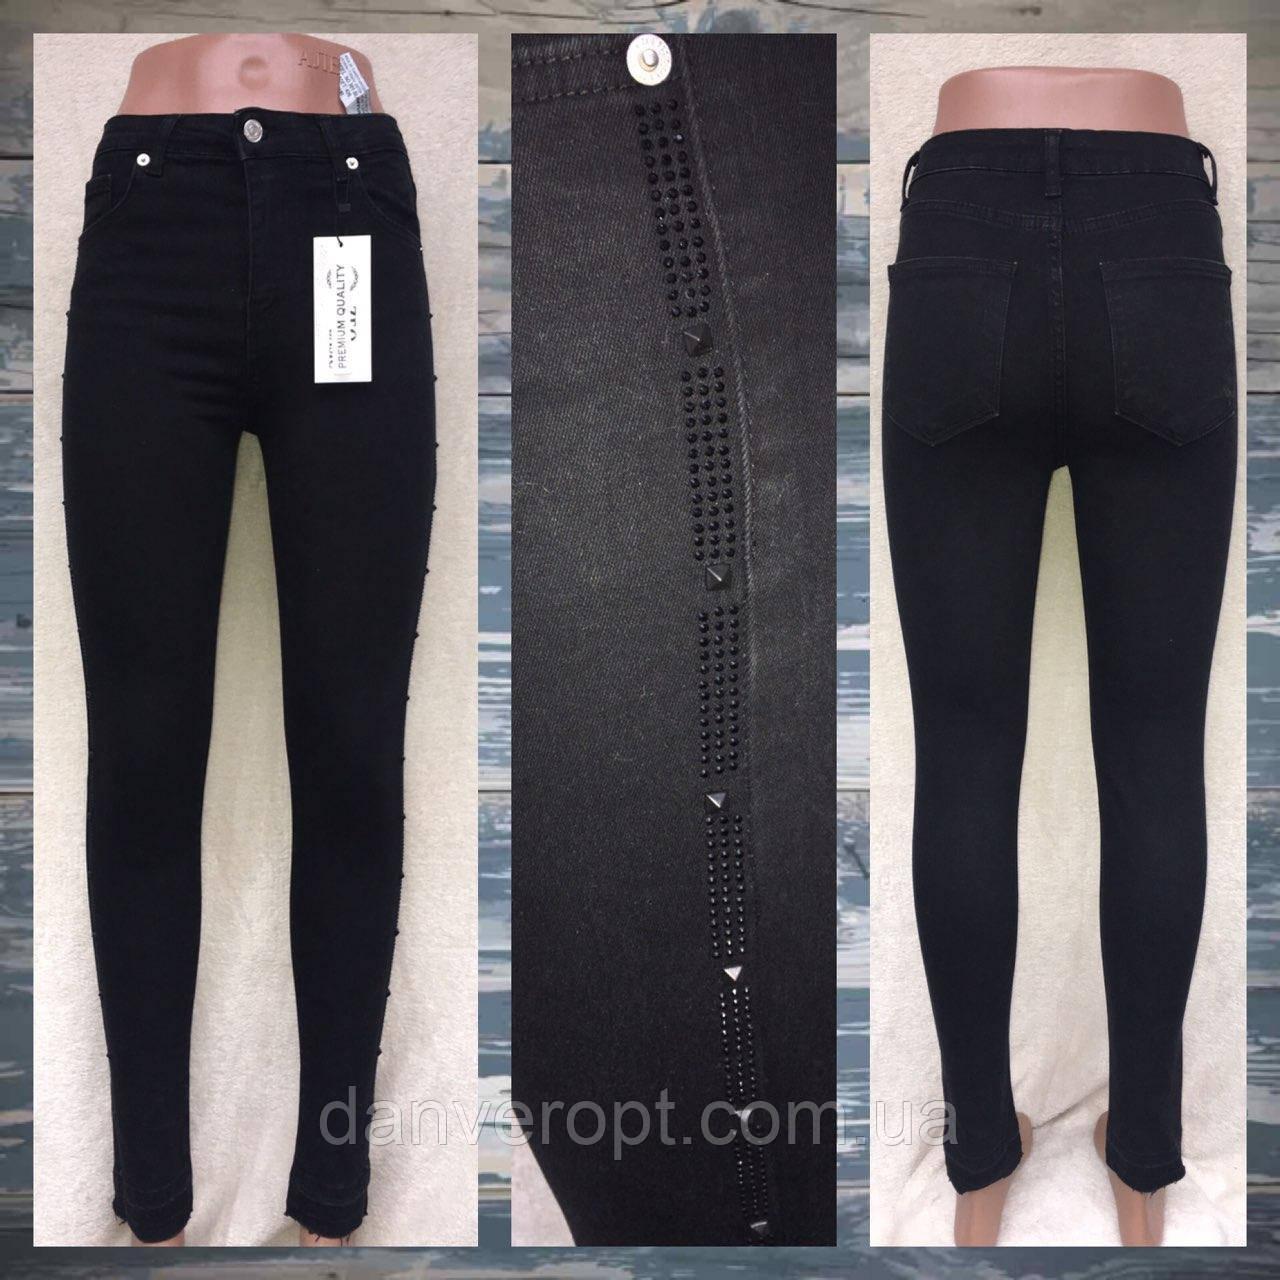 d53f9520e2955 Джинсы Американки женские стильные модные с клепками размер 26-31 ...